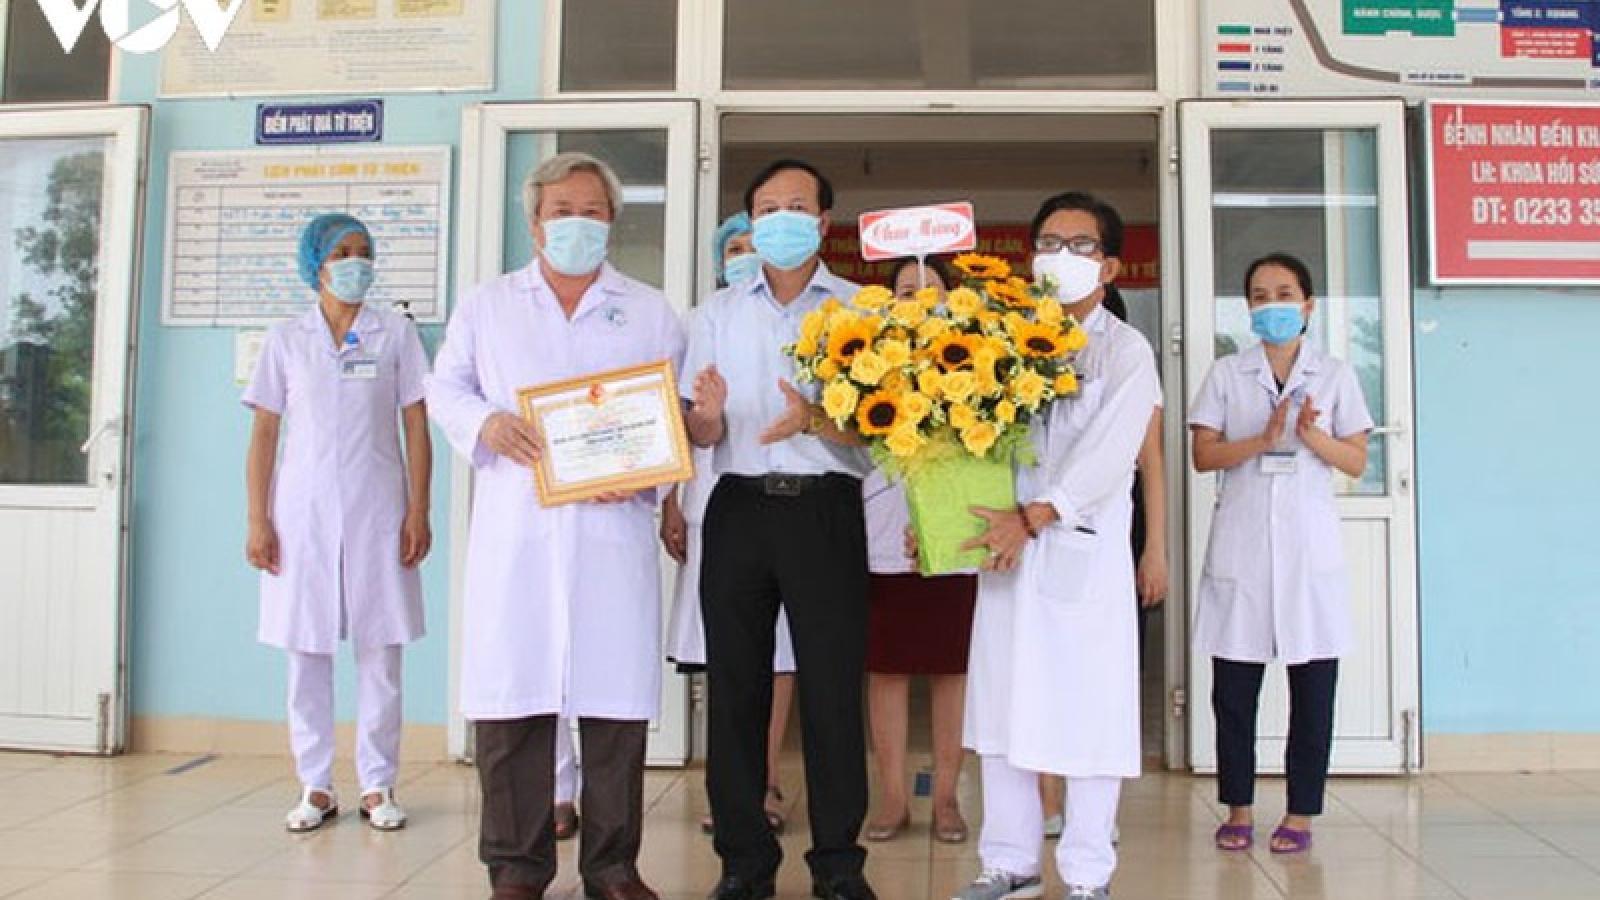 2 bệnh nhân tại Quảng Trị khỏi Covid-19 được xuất viện